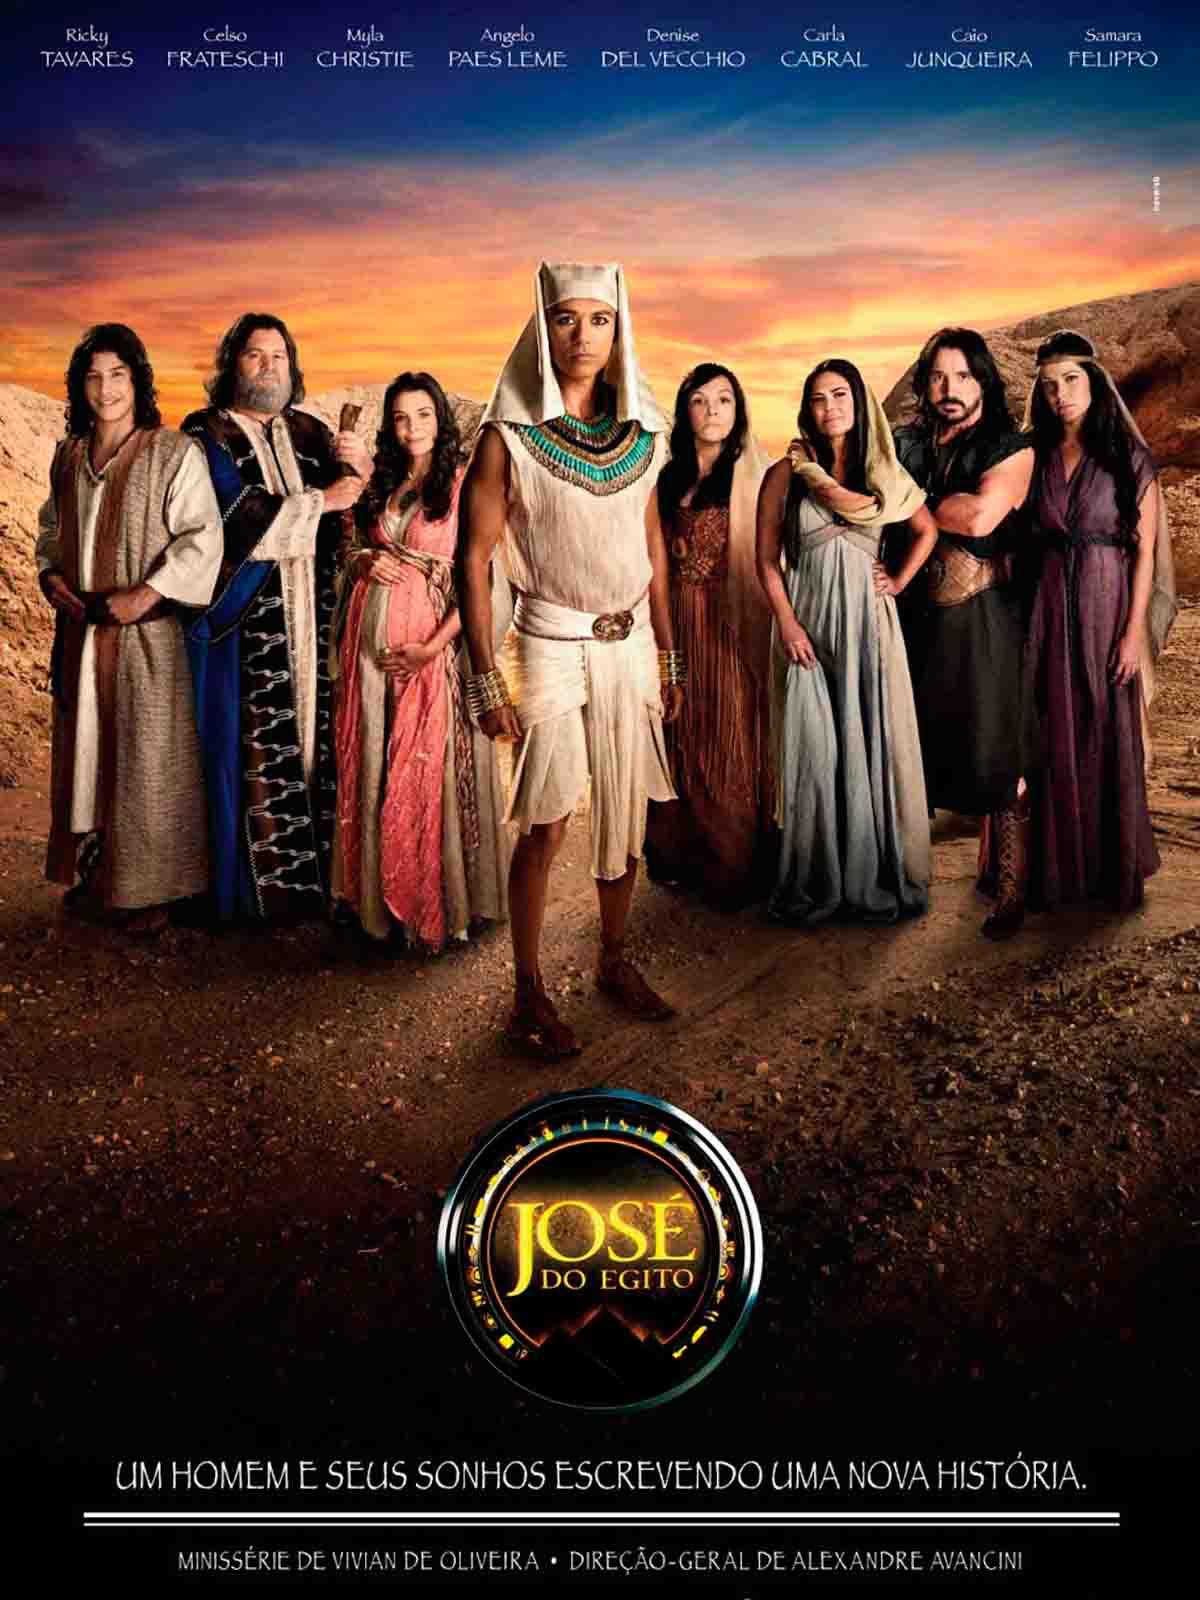 José do Egito: O Filme Torrent – HDTV 720p Nacional (2017)